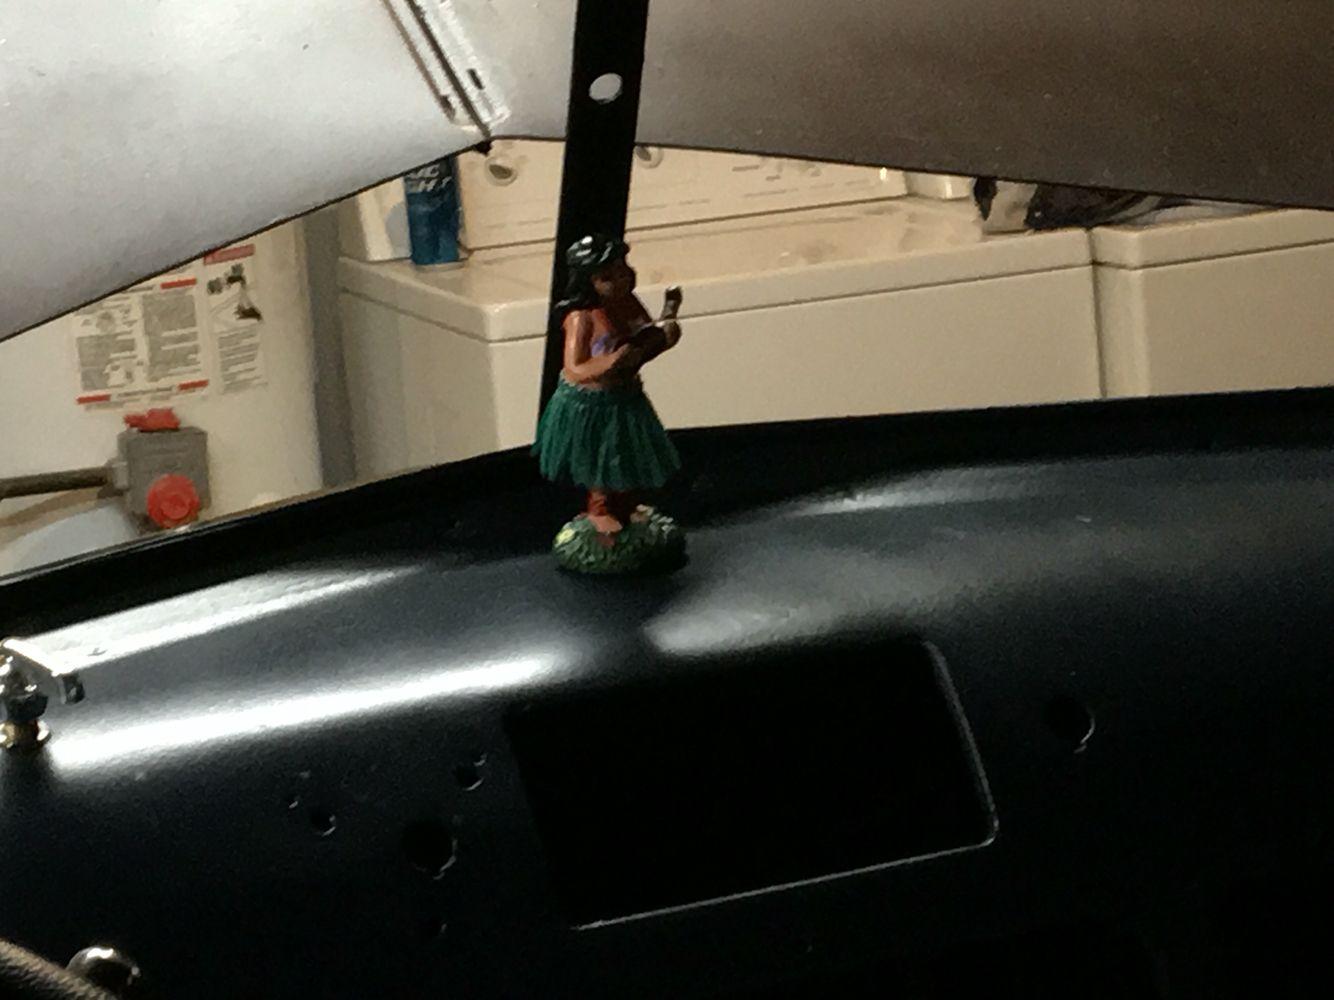 Accessories Rat rod, Old trucks, Hula girl